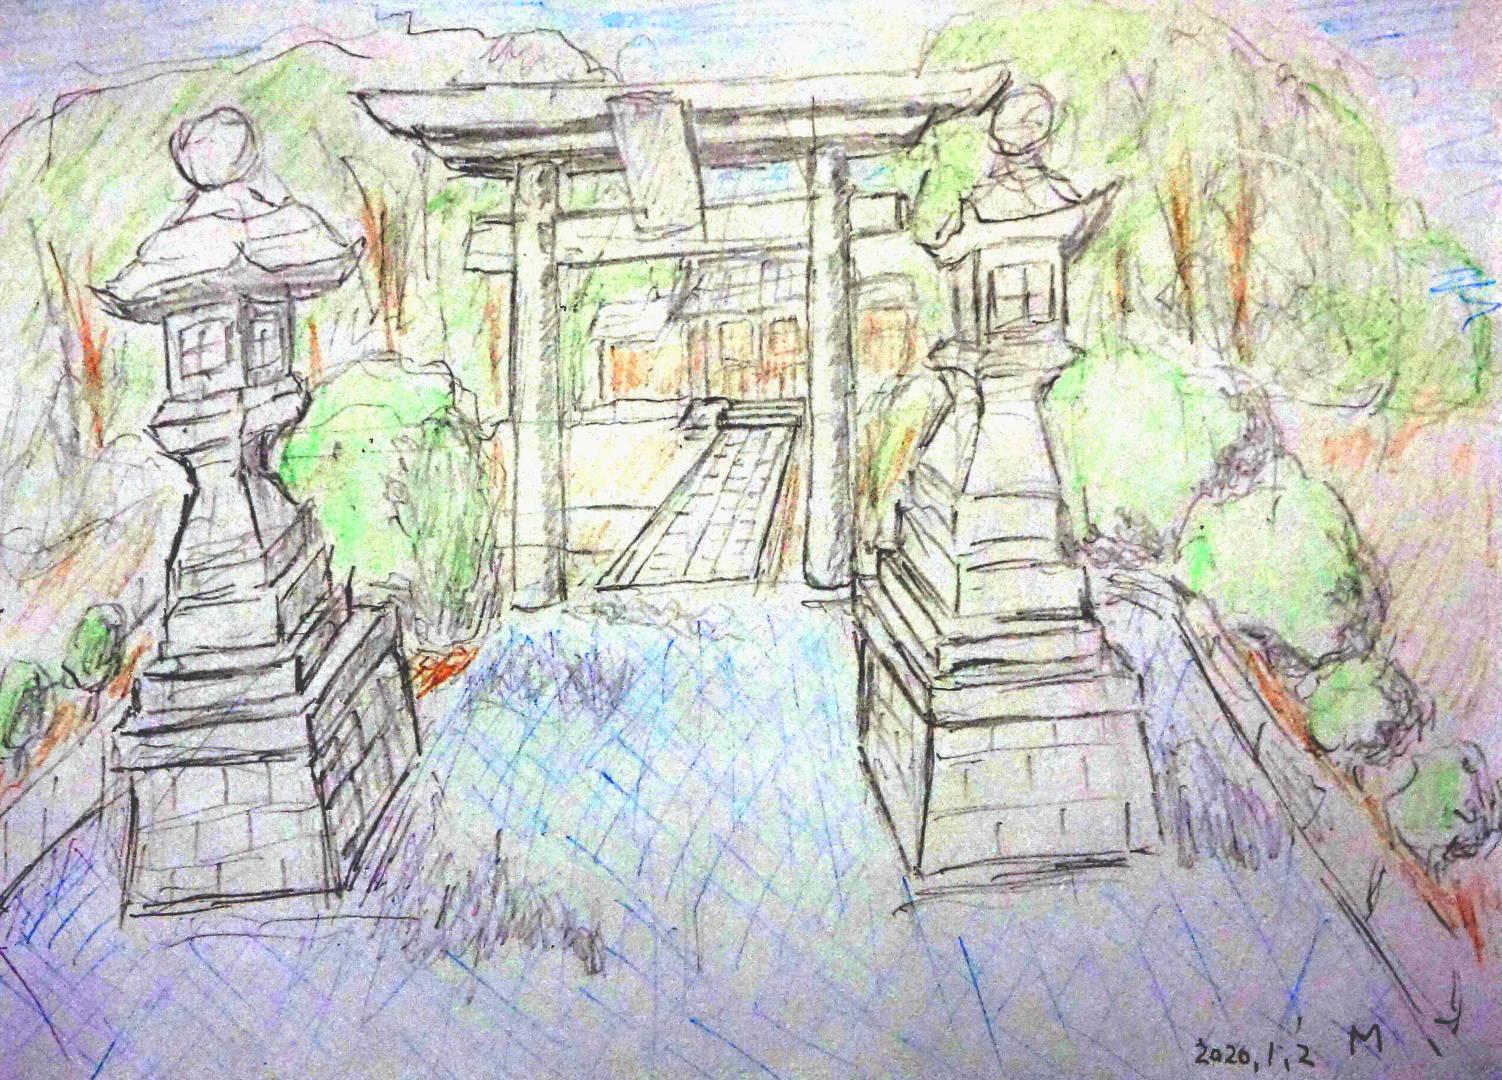 神社の門前から鳥居や灯篭や森がある